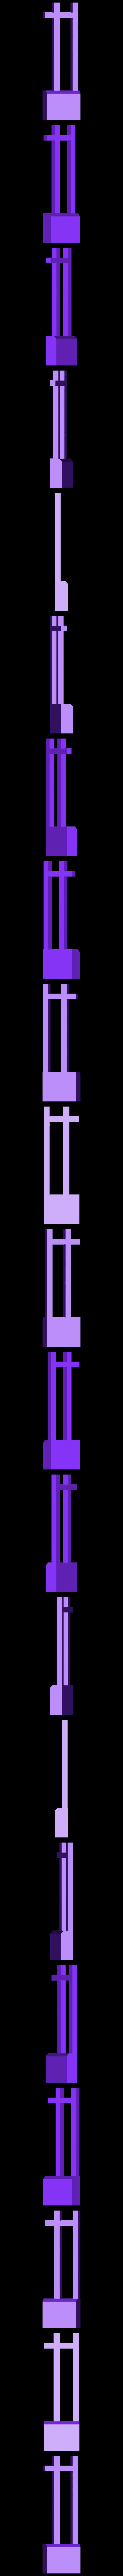 nick2_railc_1.stl Télécharger fichier STL gratuit Ripper's London - The Nick • Plan pour imprimante 3D, Earsling